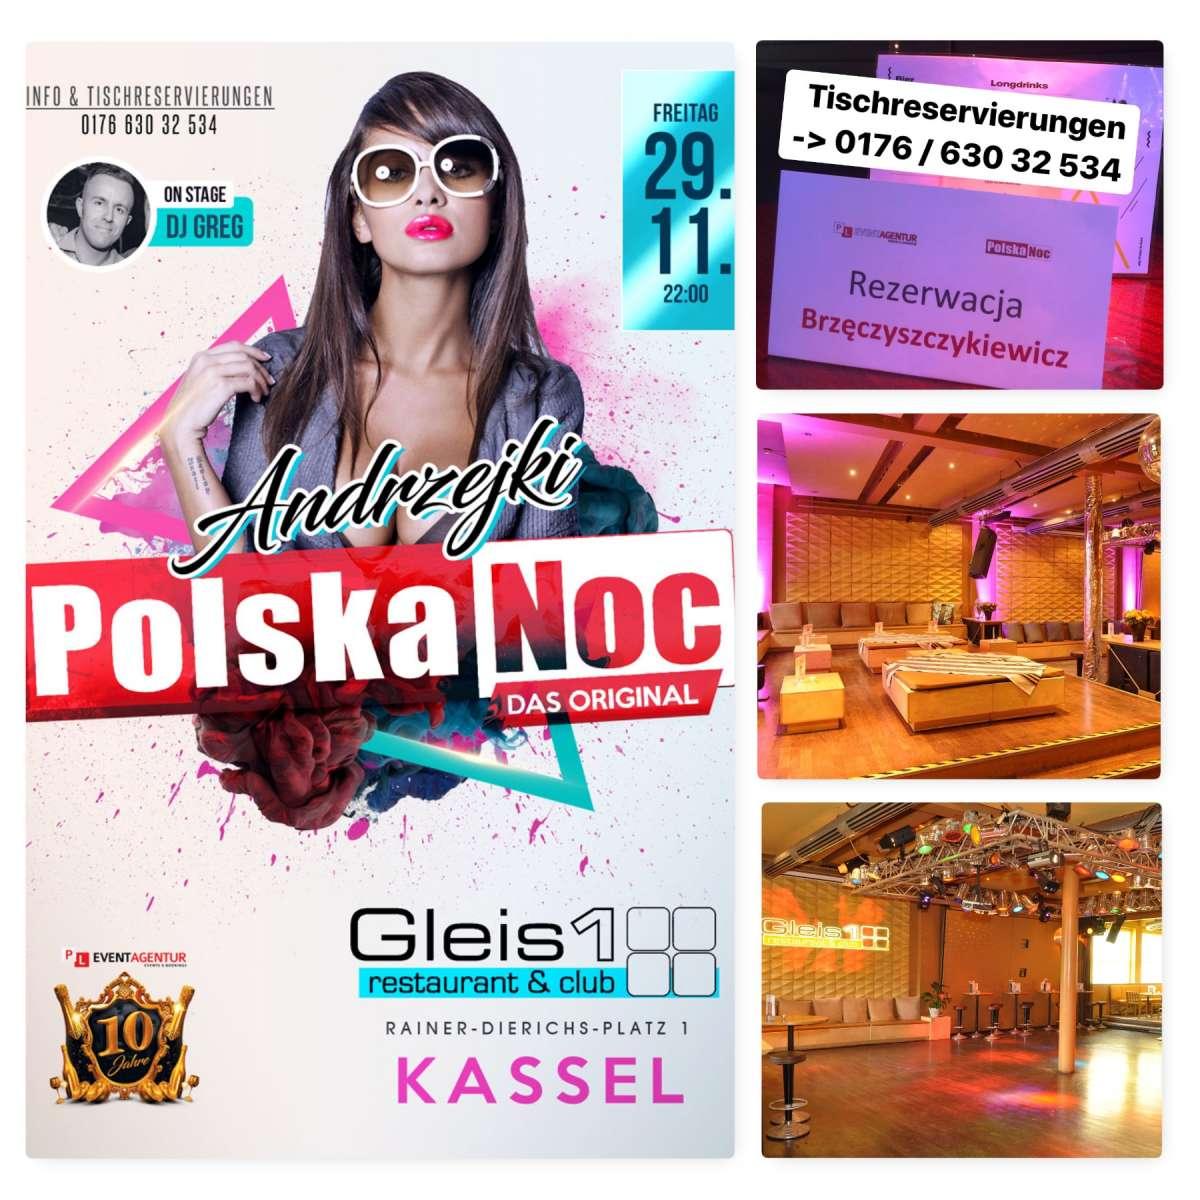 Polska Noc - Andrzejki 2019 - DJ Greg - Gleis1 - Kassel